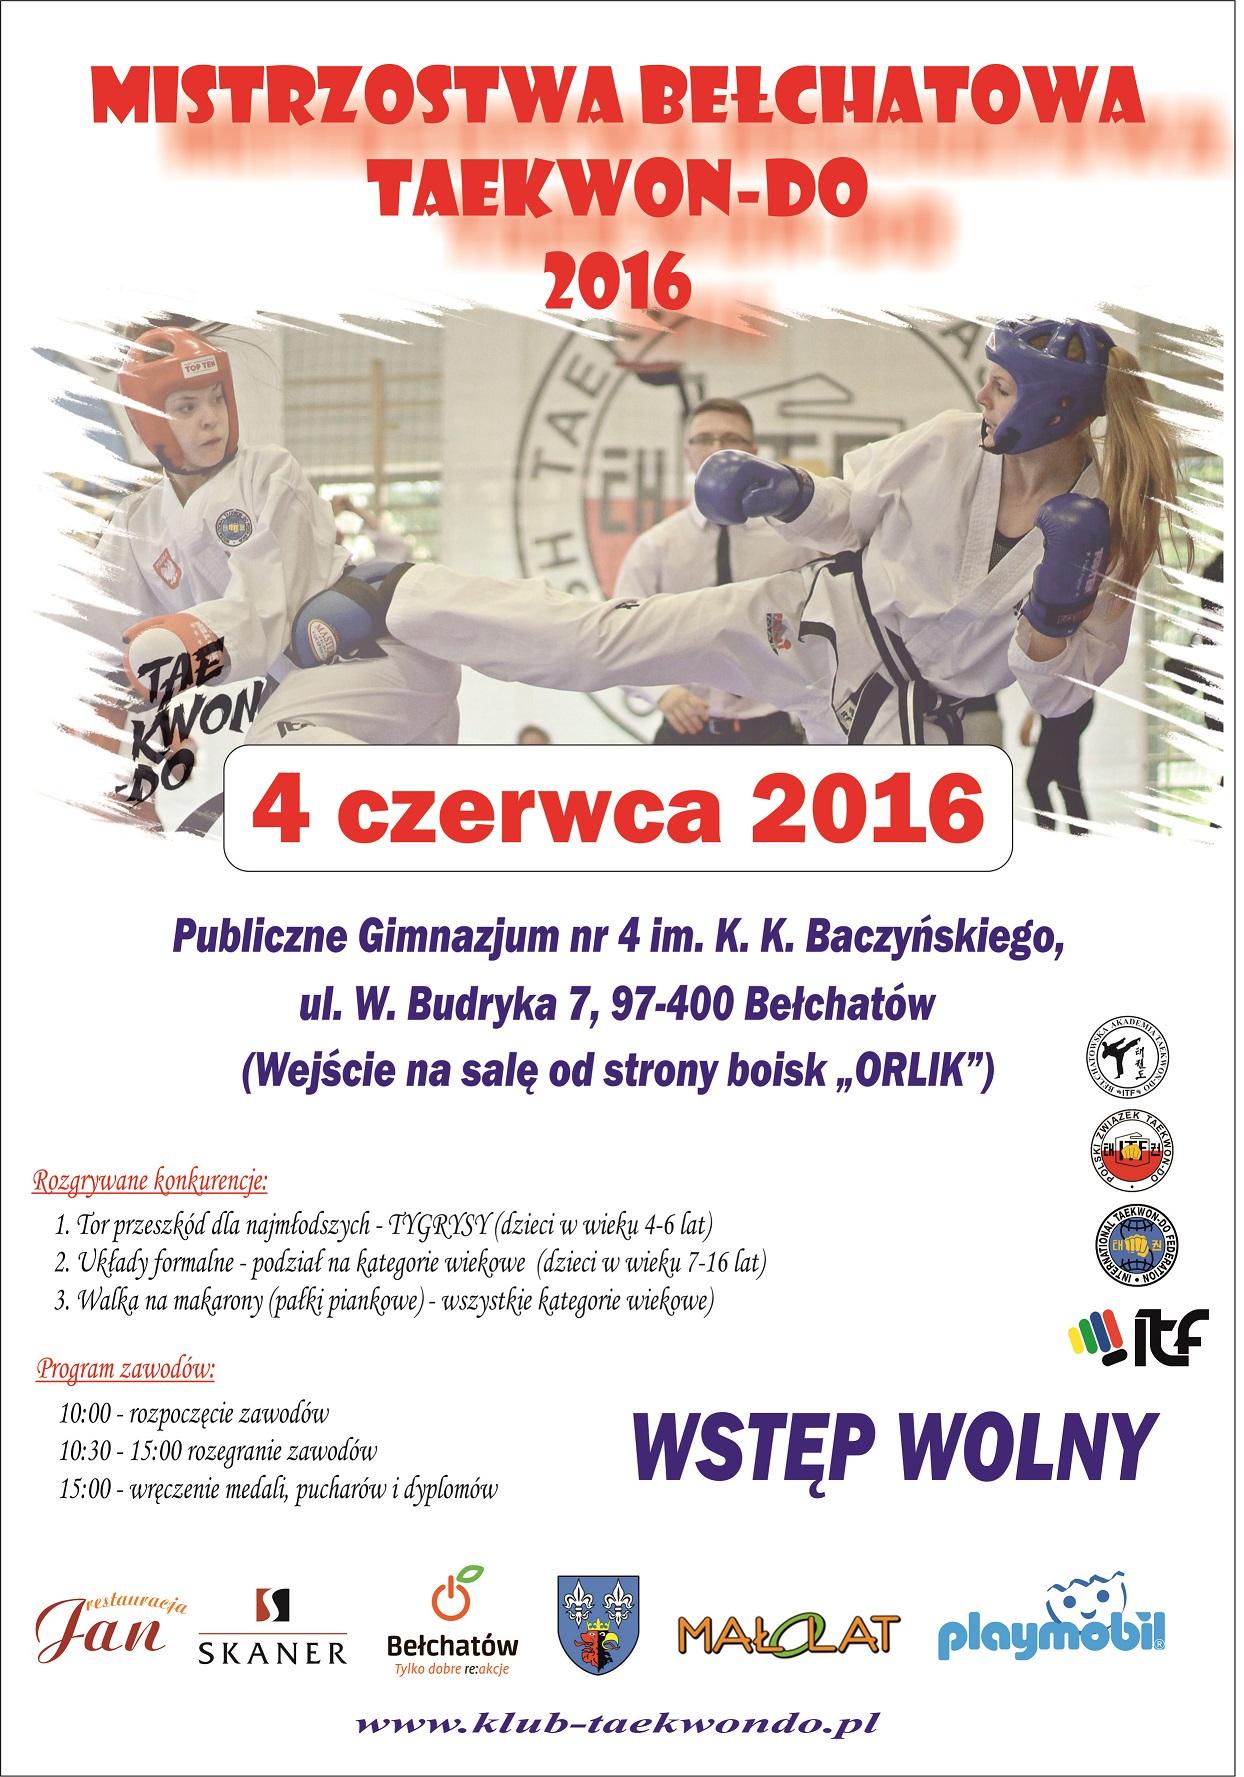 PLAKAT 2016 - Mistrzostwa Bełchatowa TKD